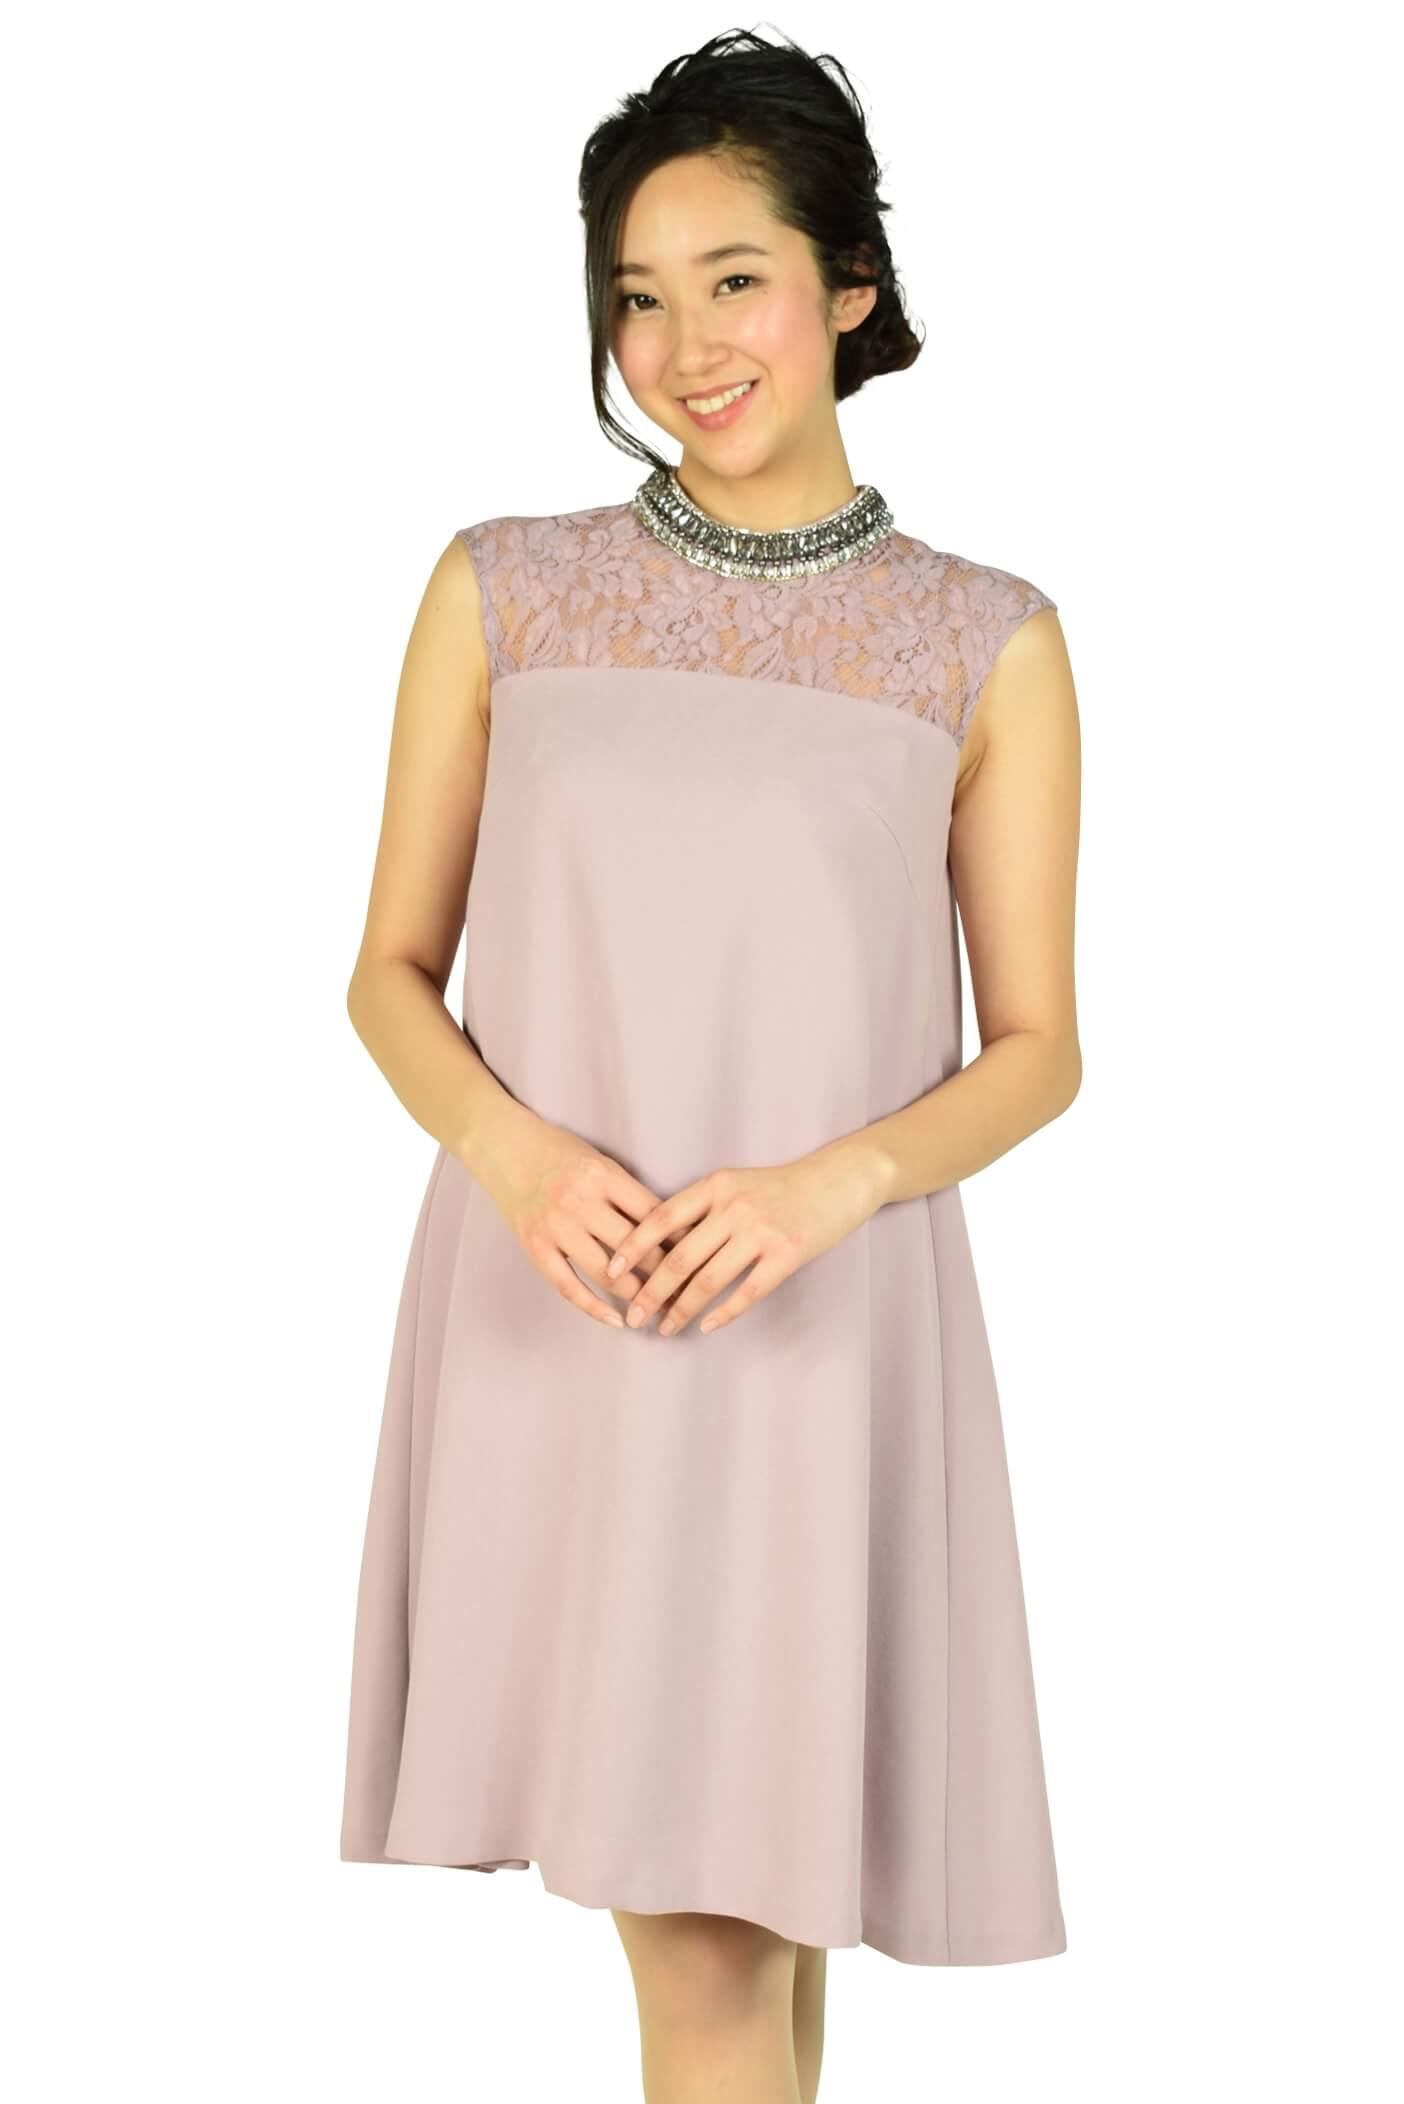 グレースコンチネンタル(GRACE CONTINENTAL) ネックビジュアッシュピンクドレス